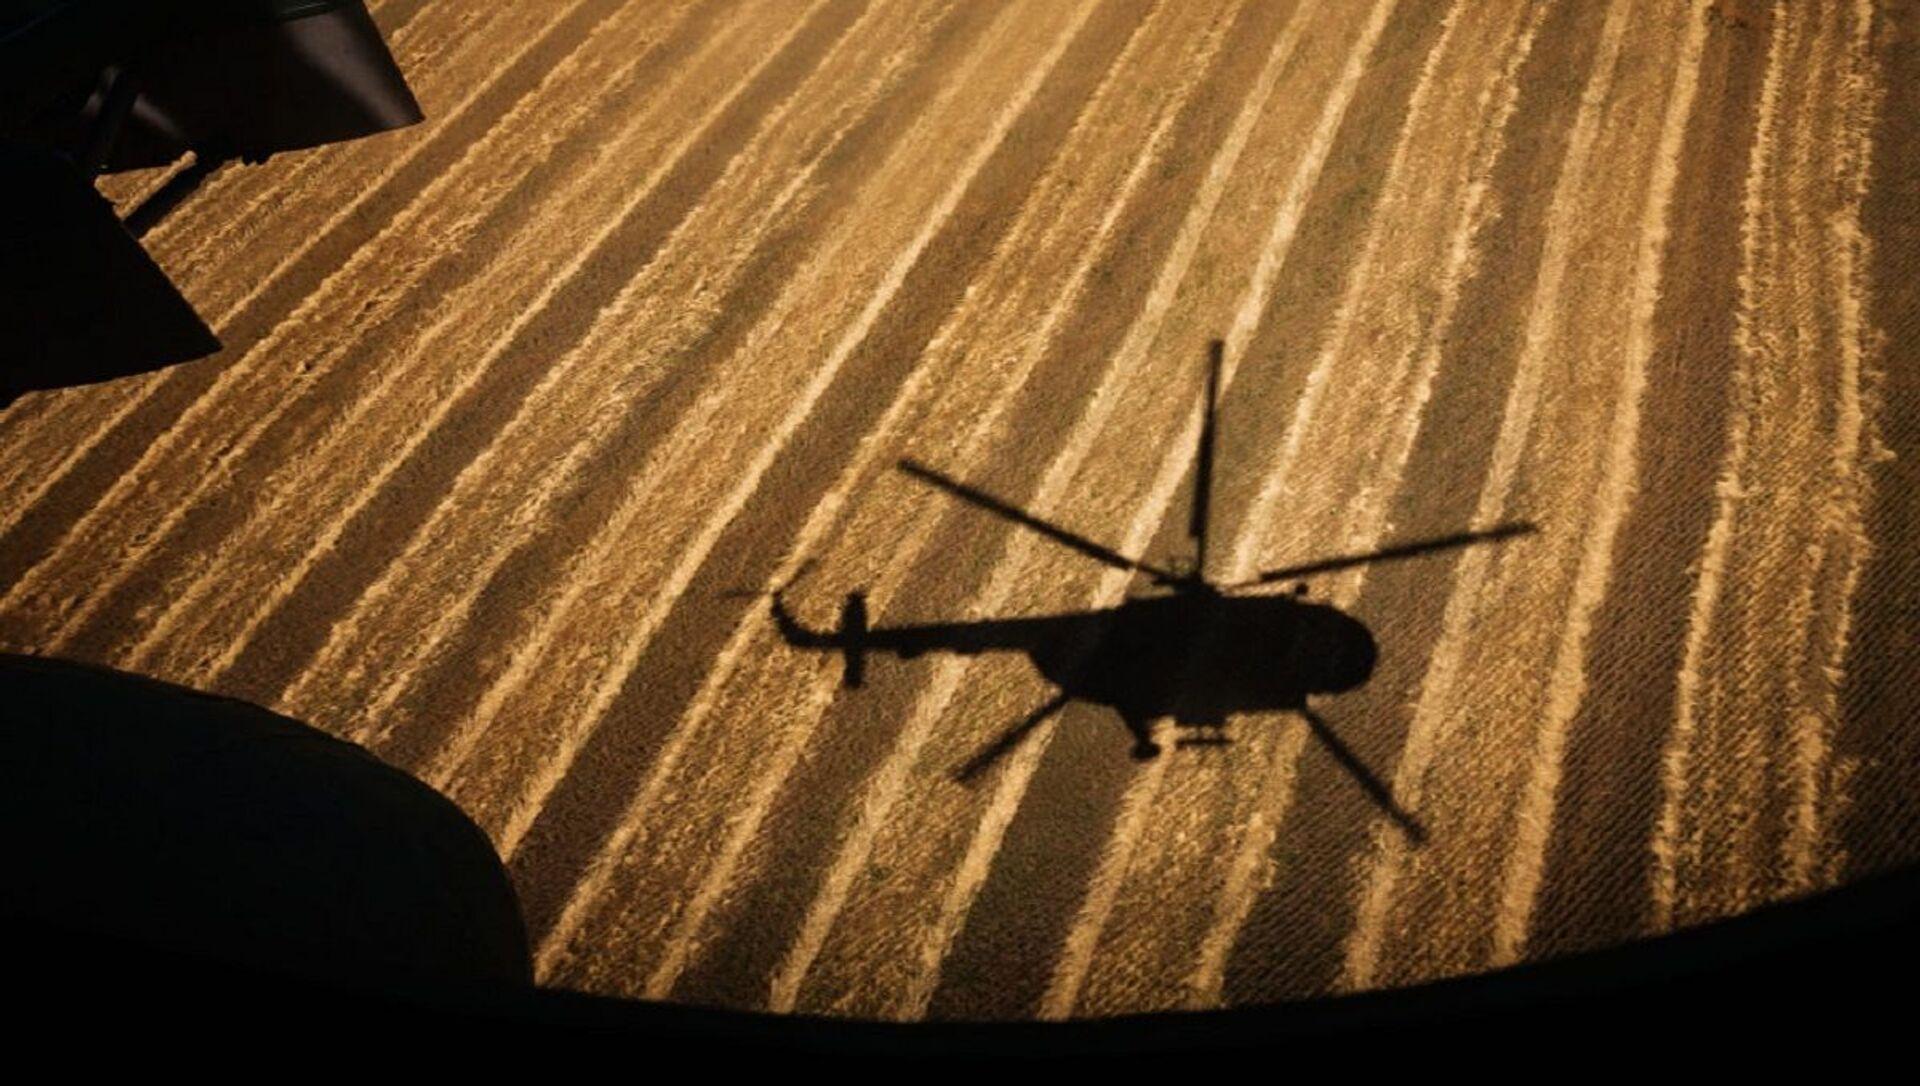 Helicopter  shadow - Sputnik International, 1920, 03.08.2021